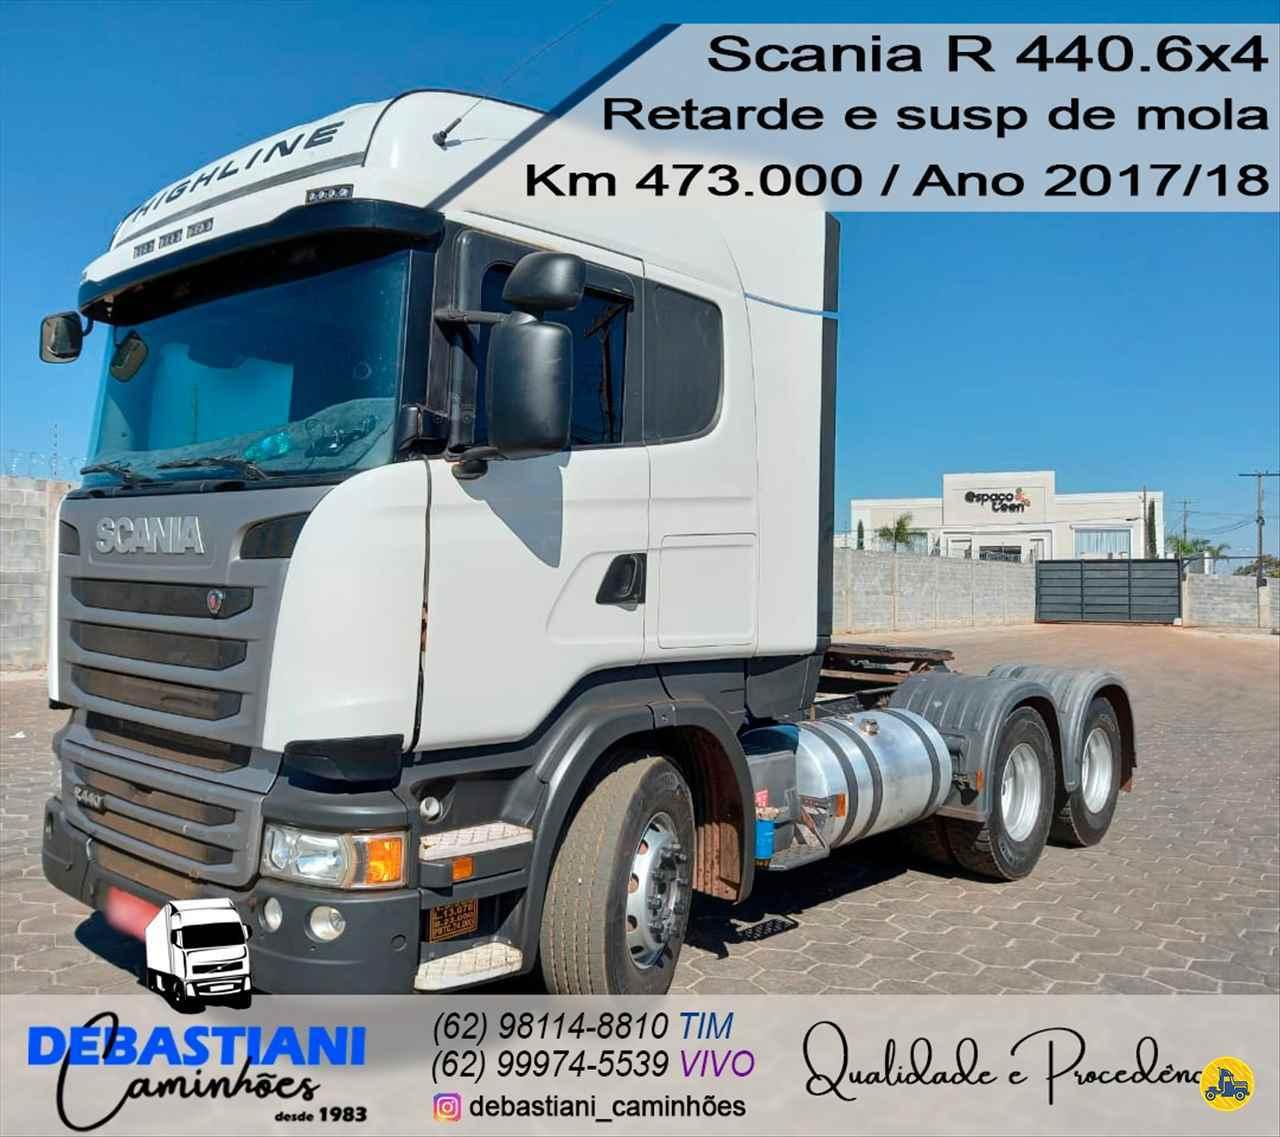 CAMINHAO SCANIA SCANIA 440 Cavalo Mecânico Traçado 6x4 Debastiani Caminhões ANAPOLIS GOIAS GO